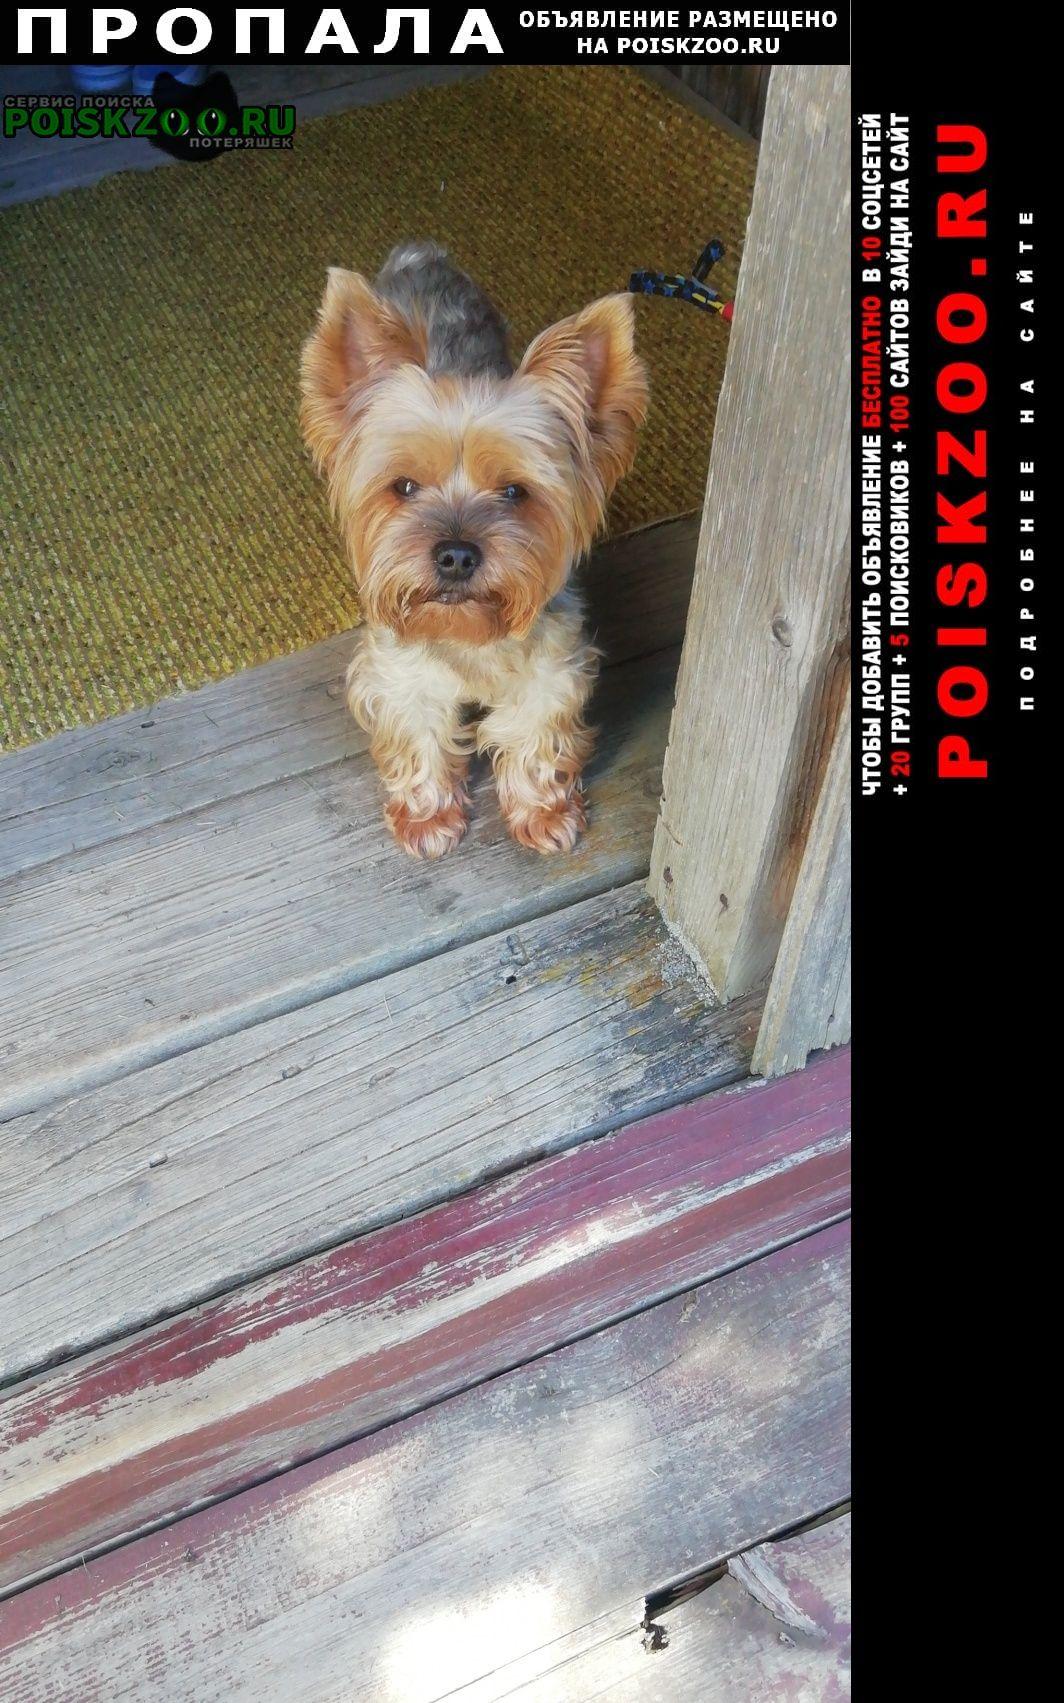 Пропала собака кобель йоркширский терьер Калуга